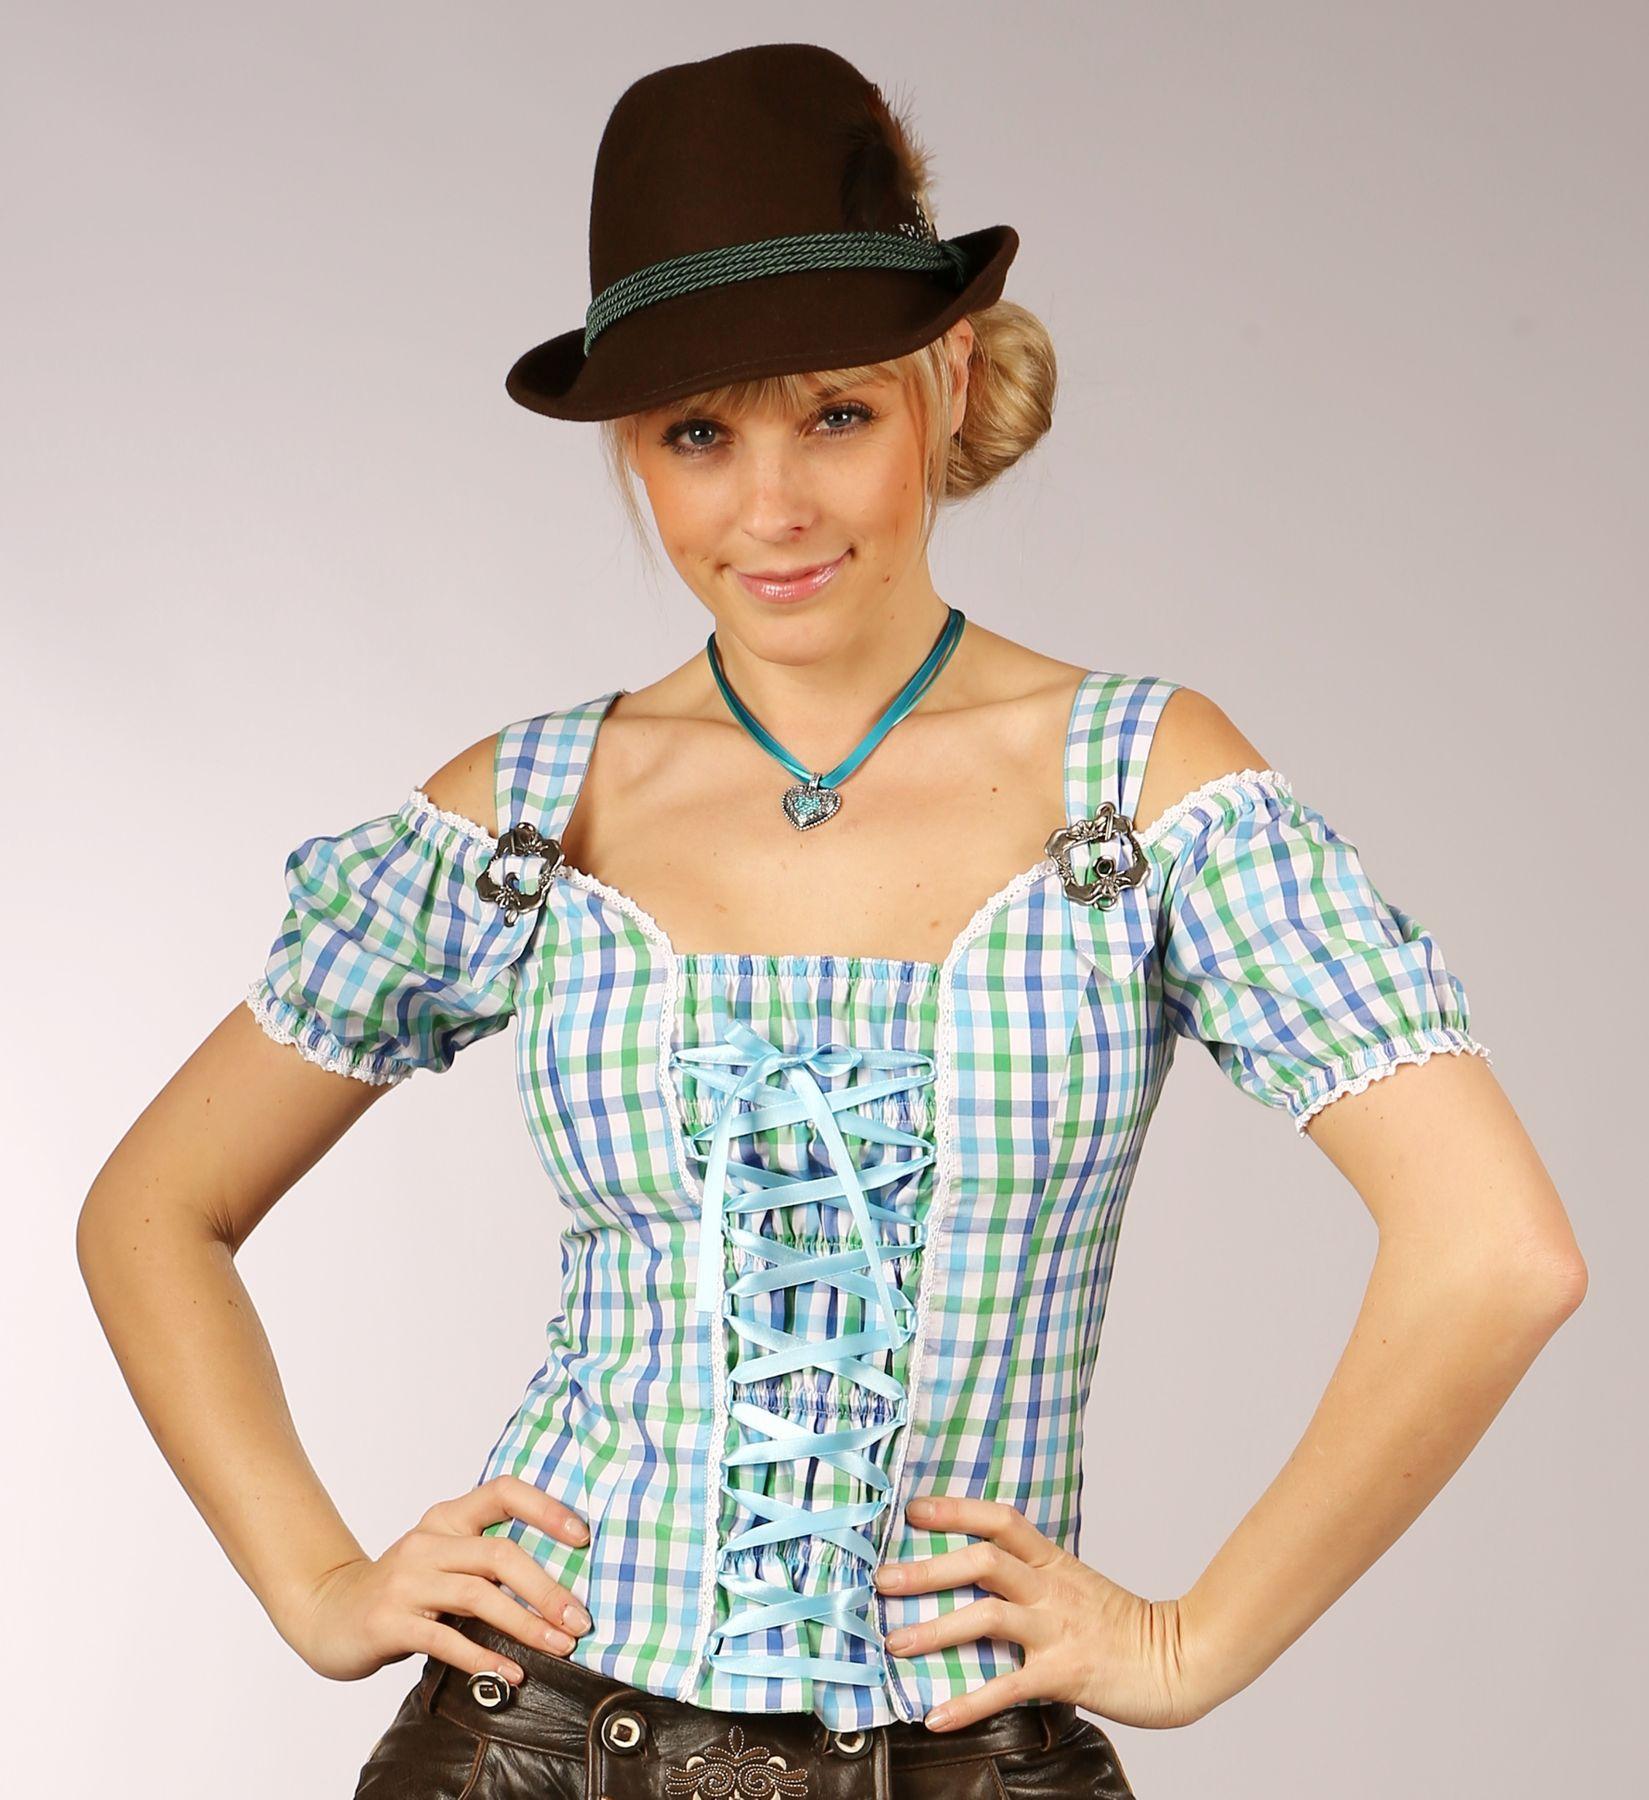 Fuchs Trachten - Damen Trachten Bluse in versch. Farben, (Artikelnummer: 4543) – Bild 2